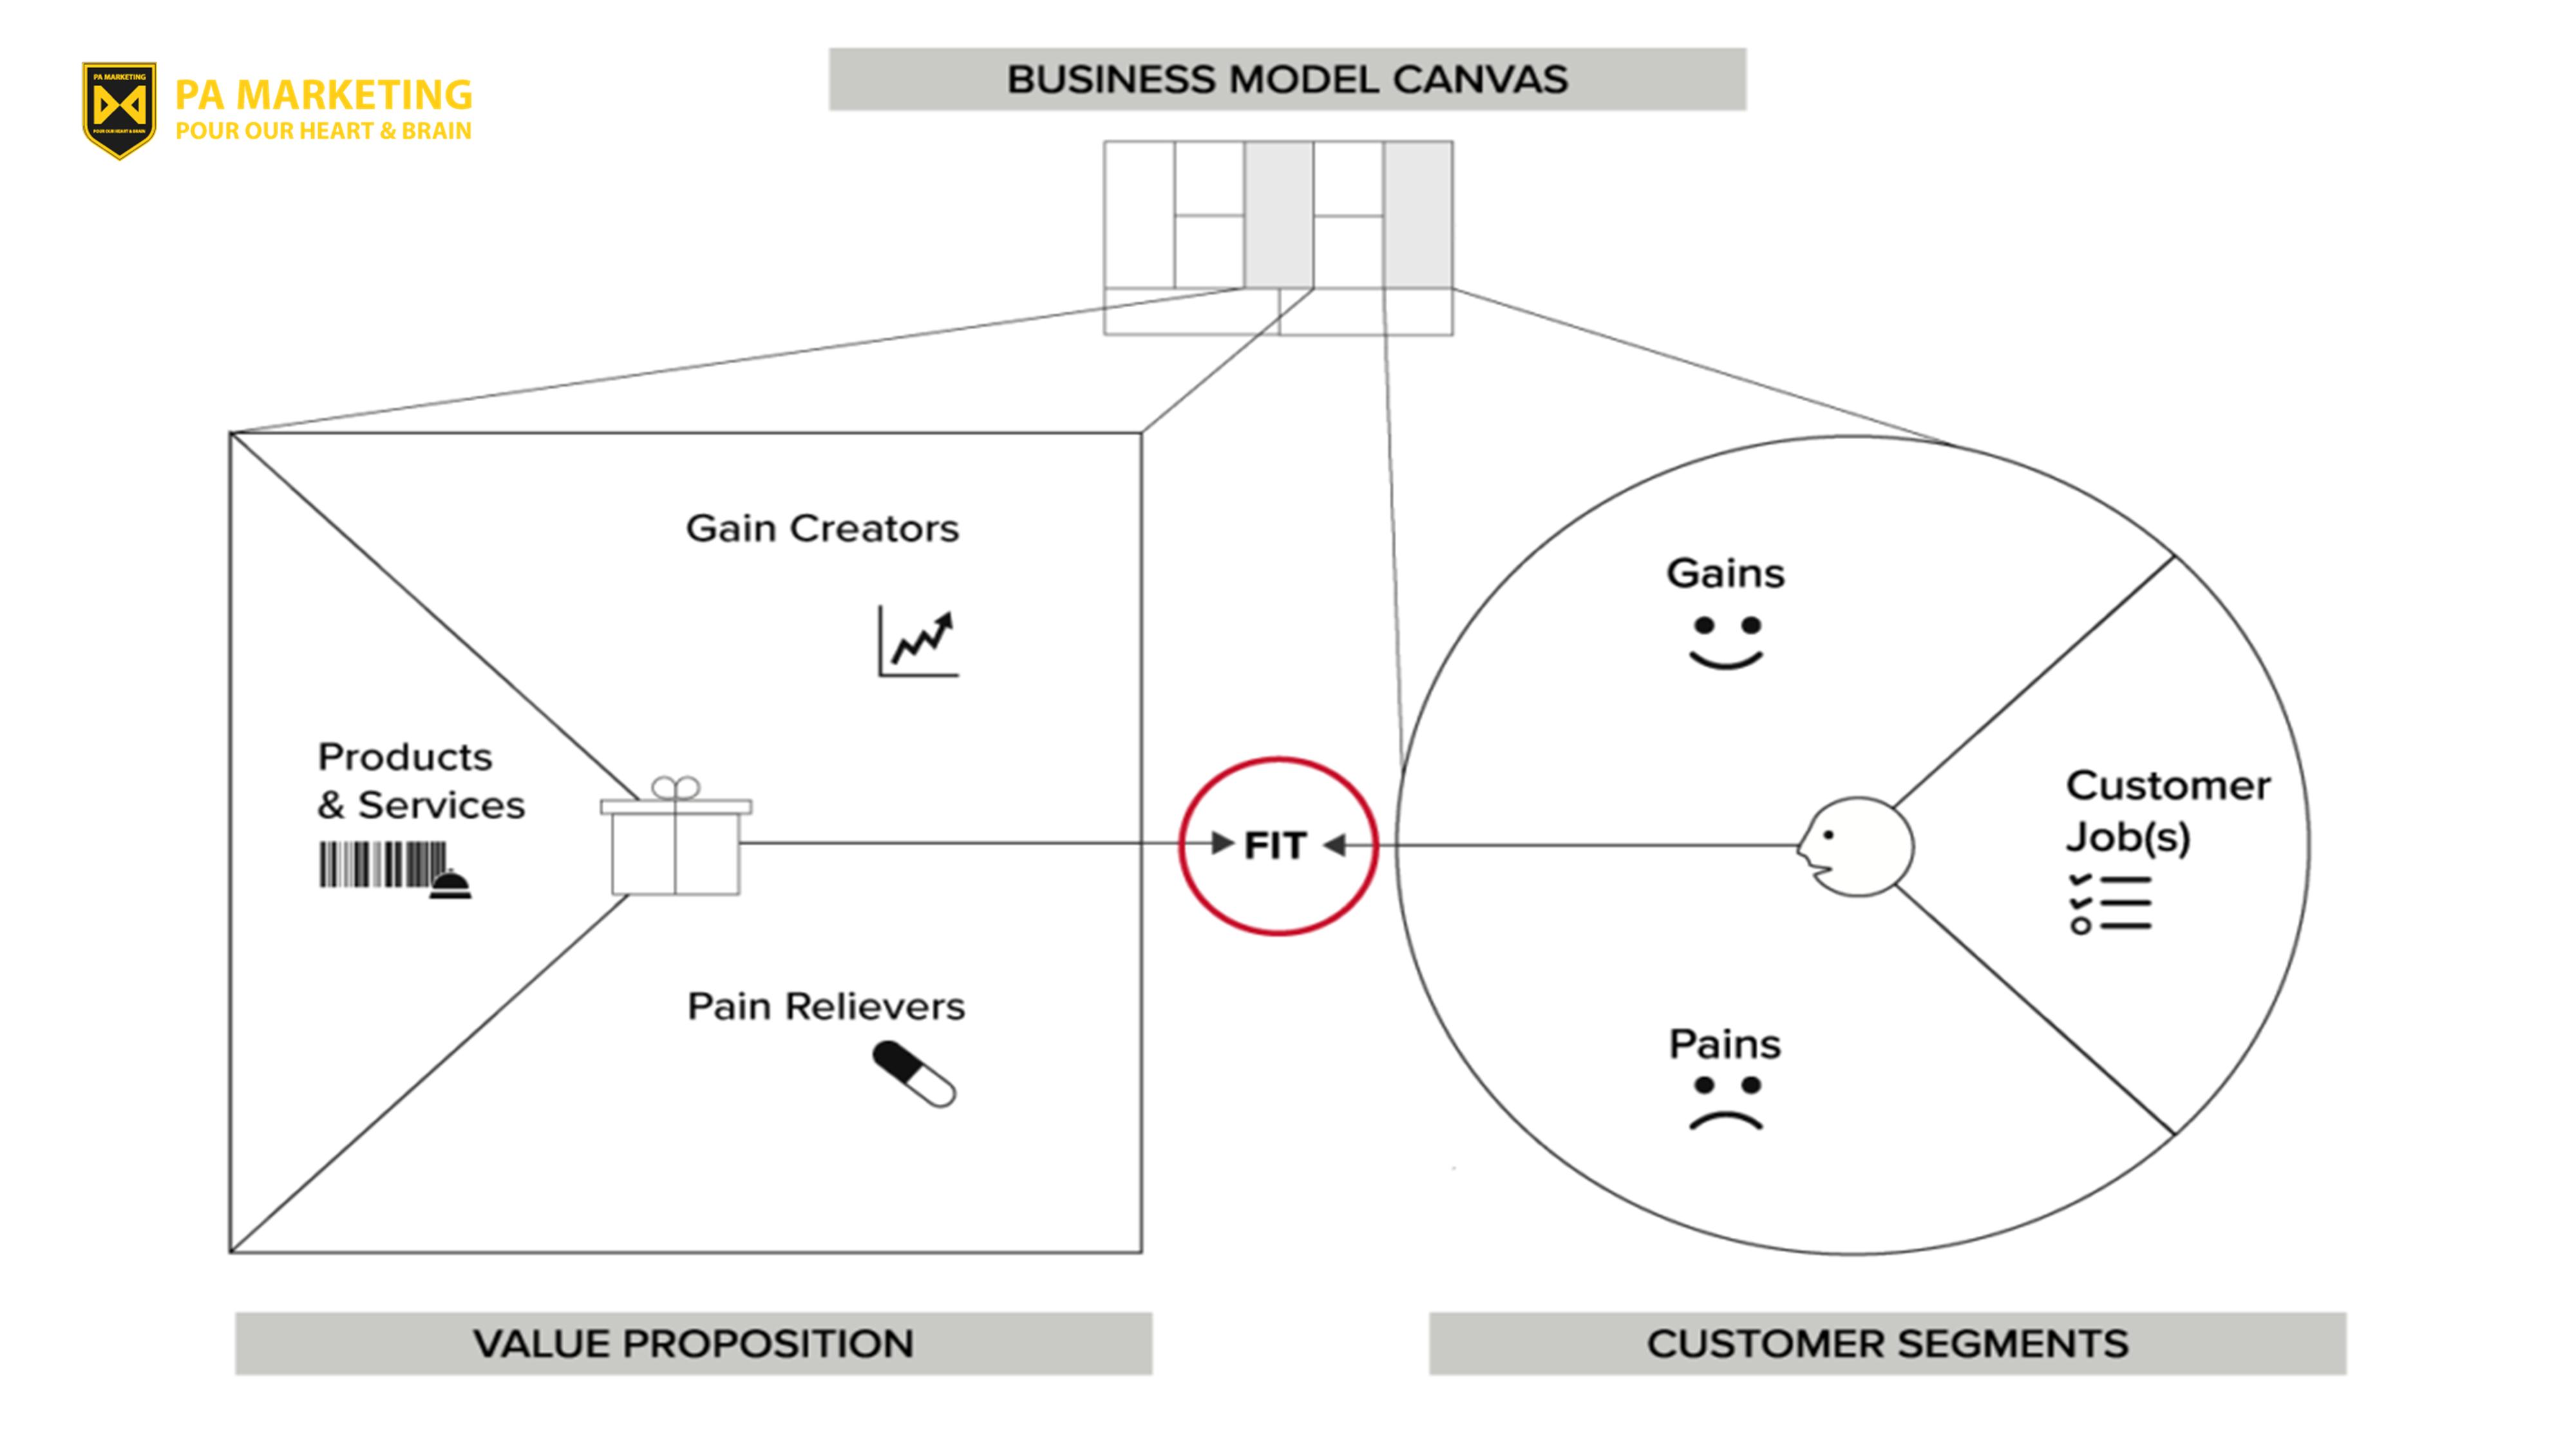 Canvas đề xuất giá trị liên kết các phân đoạn khách hàng với đề xuất giá trị